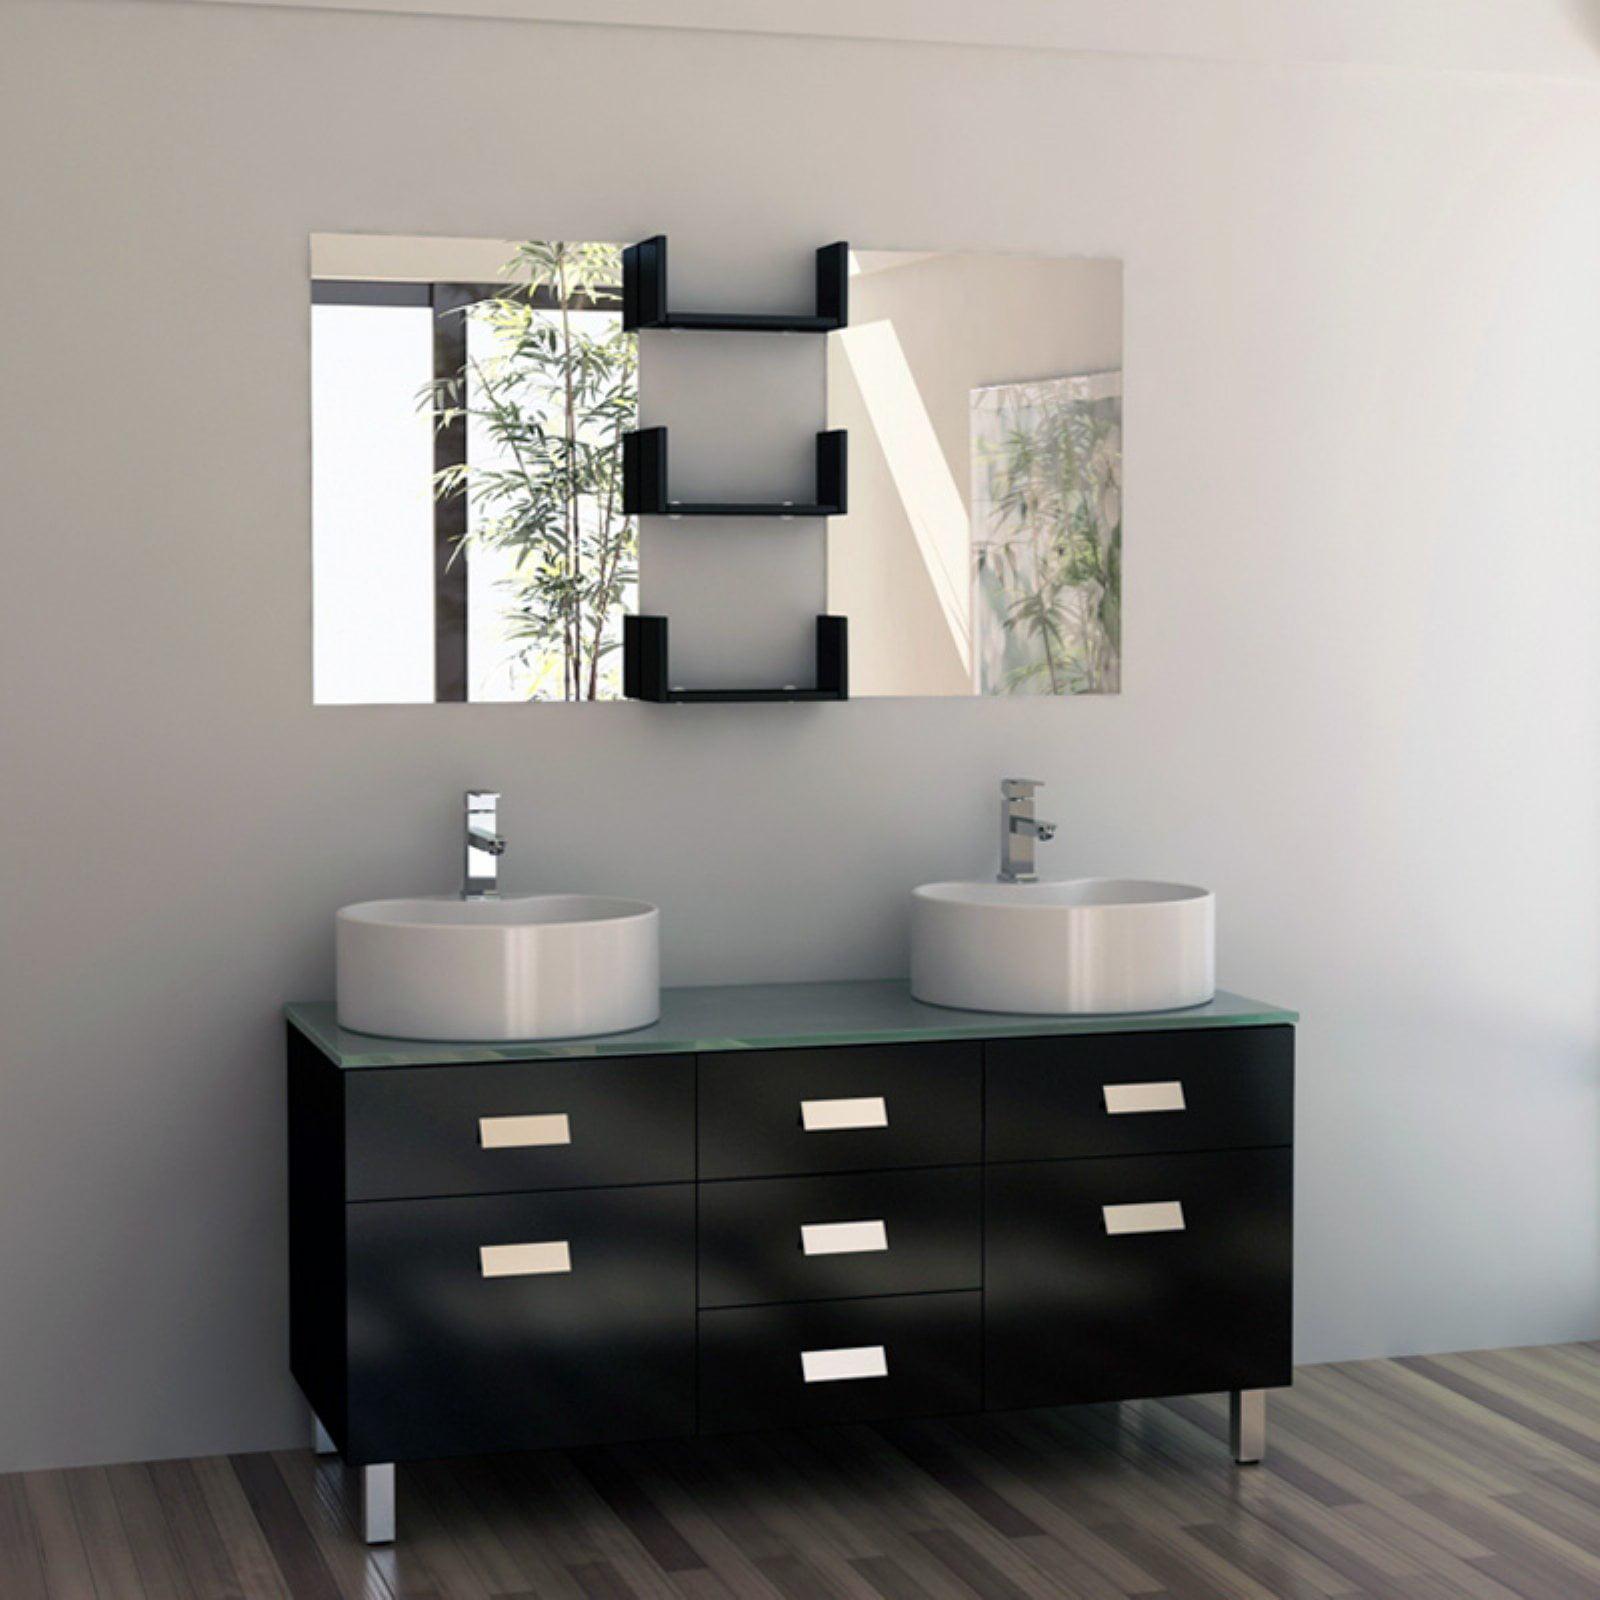 Design Element Dec350 Wellington 55 In Double Bathroom Vanity Set Walmart Com Walmart Com